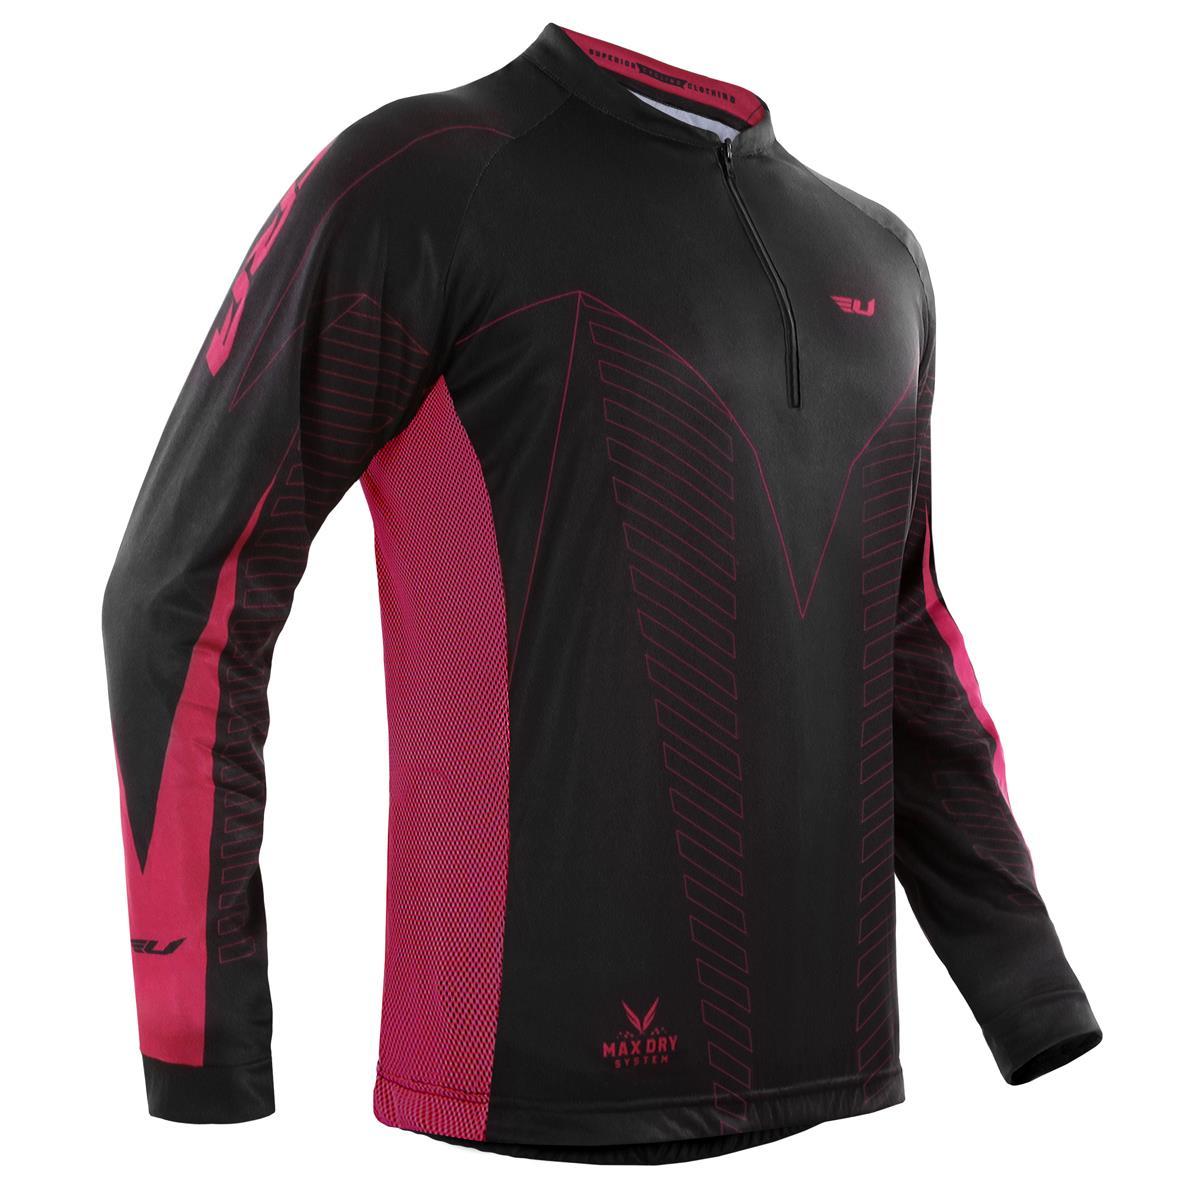 Camisa Ciclismo Ultra Bikes Max Dry Manga Longa Tam GG Preta Vinho na  Estrela10 0b787046ee3e5